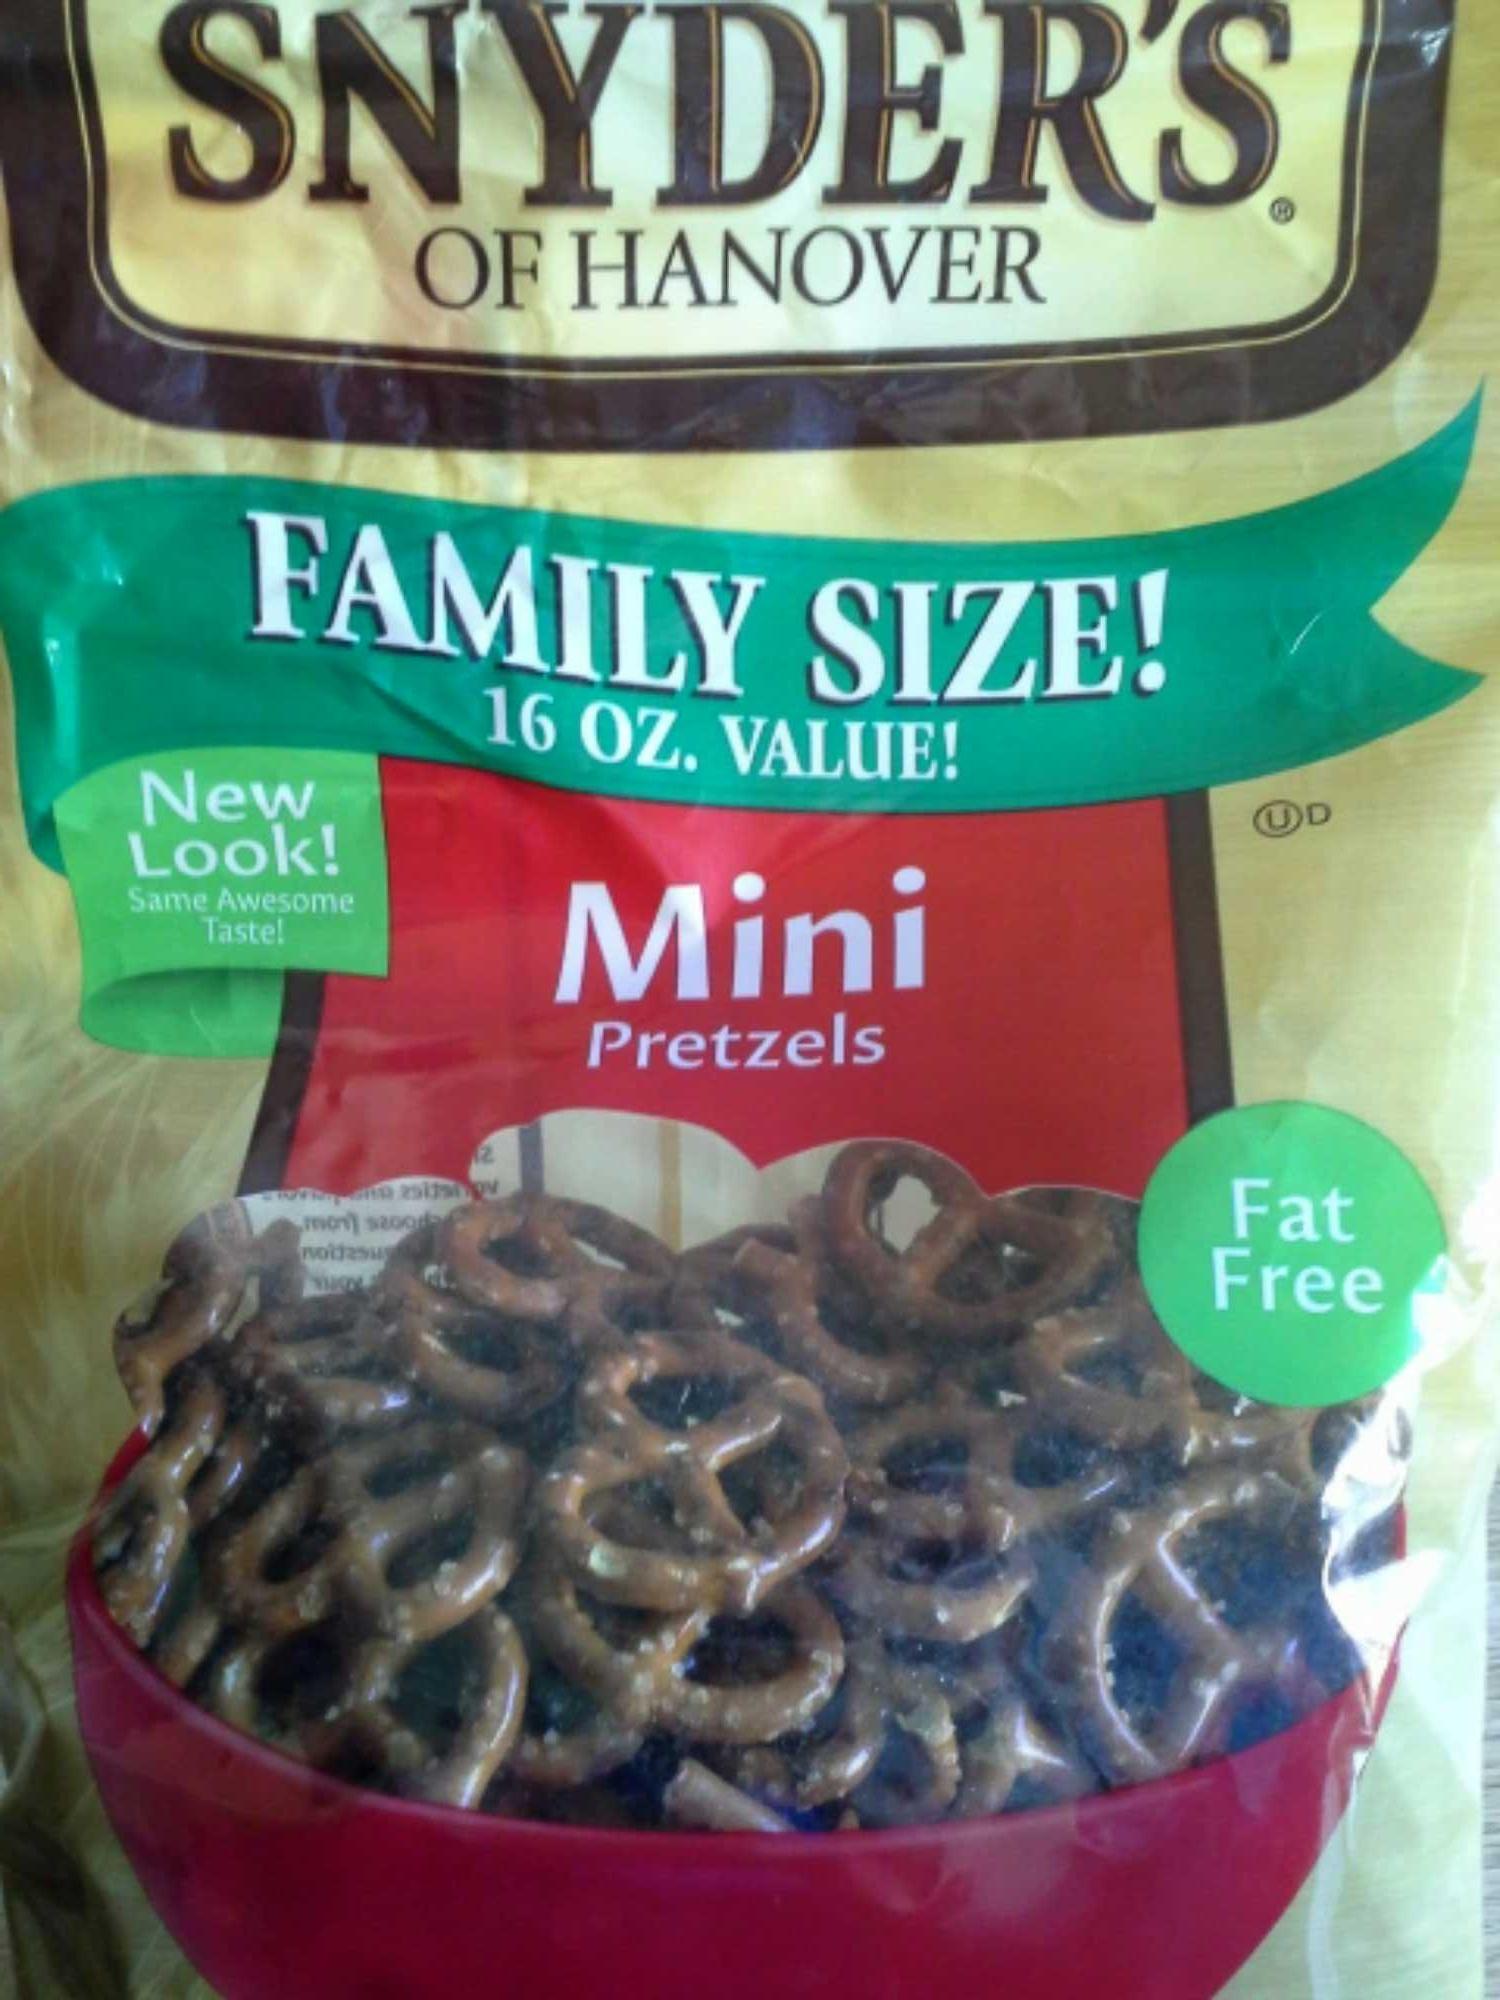 Snyder's of hanover, mini pretzels - Product - en